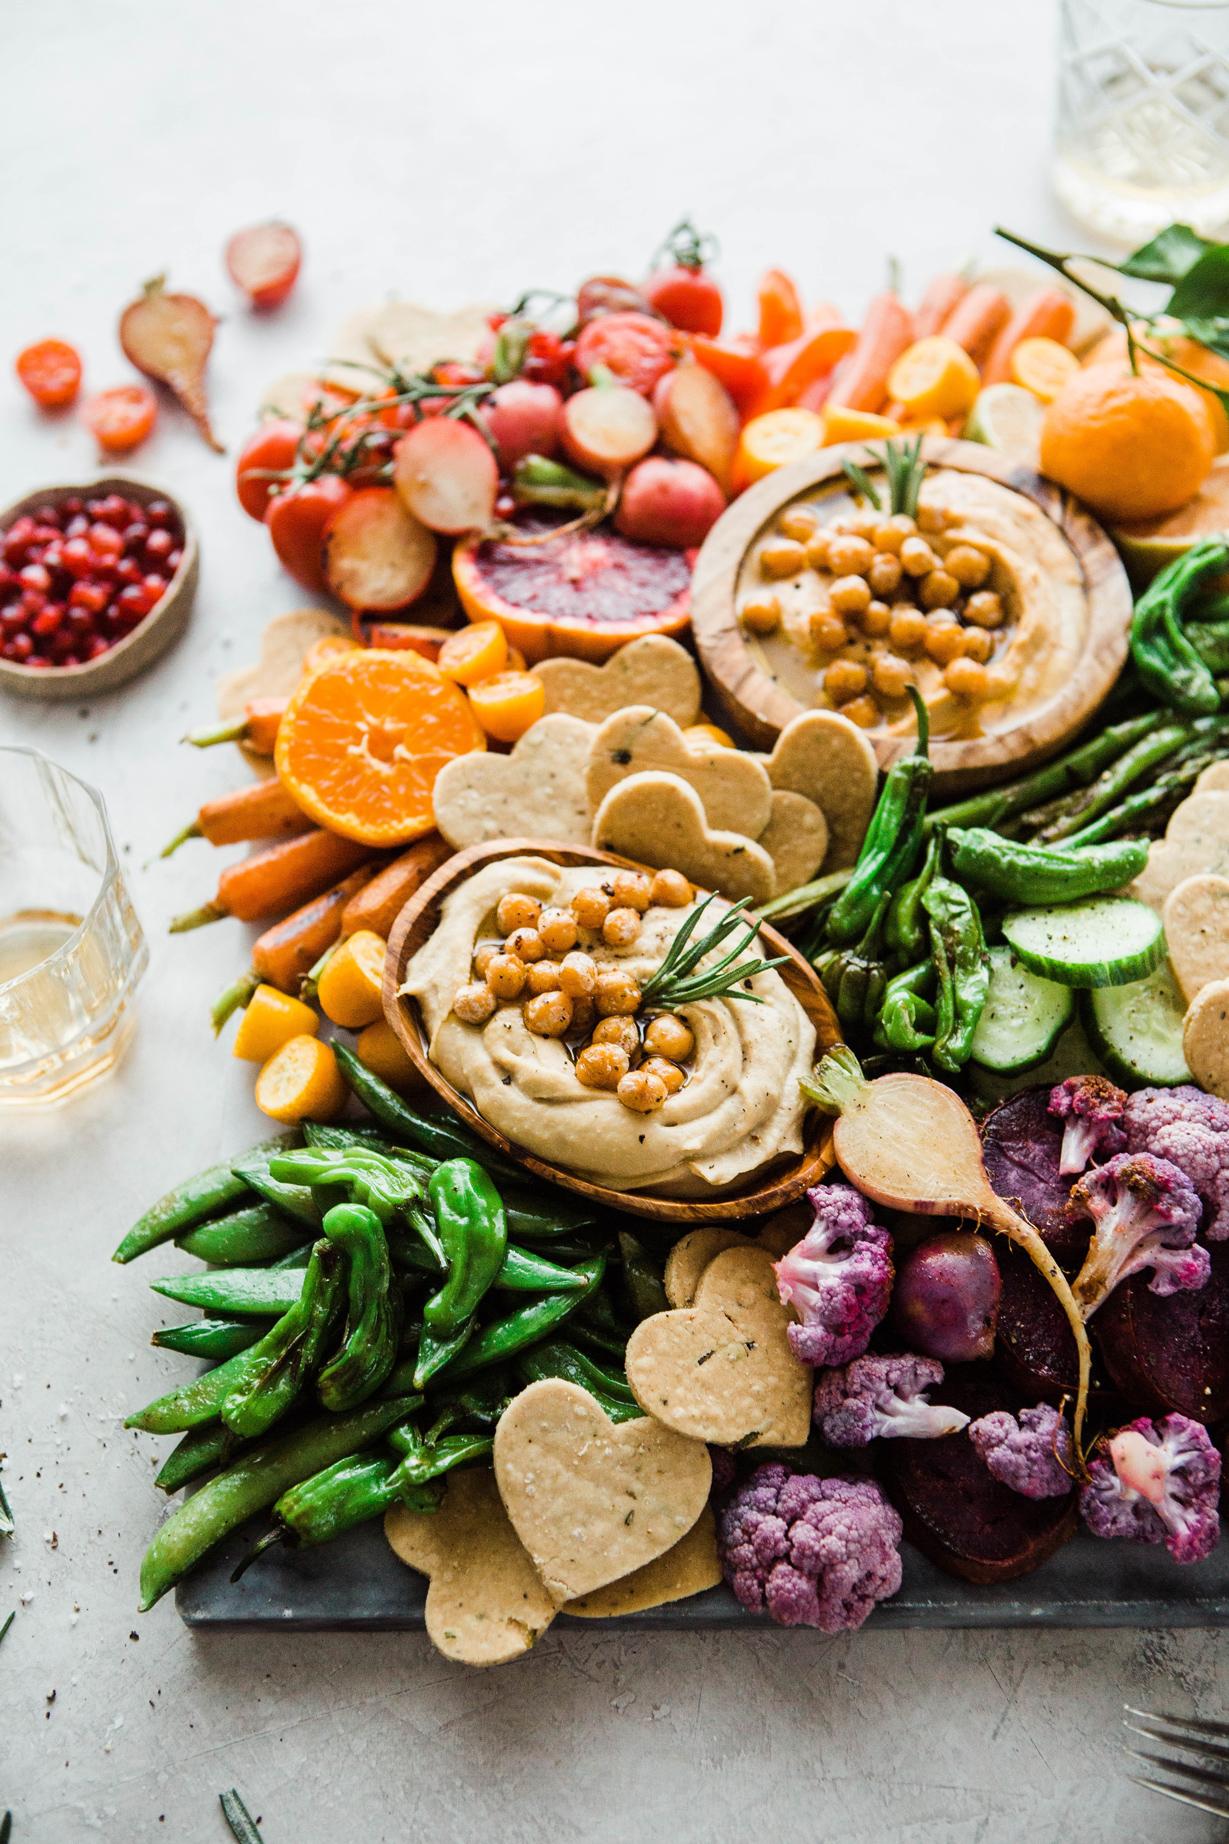 2019-01-BRM-Homemade-Paleo-Rosemary-Crackers-with-Cassava-and-Rainbow-Veggie-Platter-14.jpg